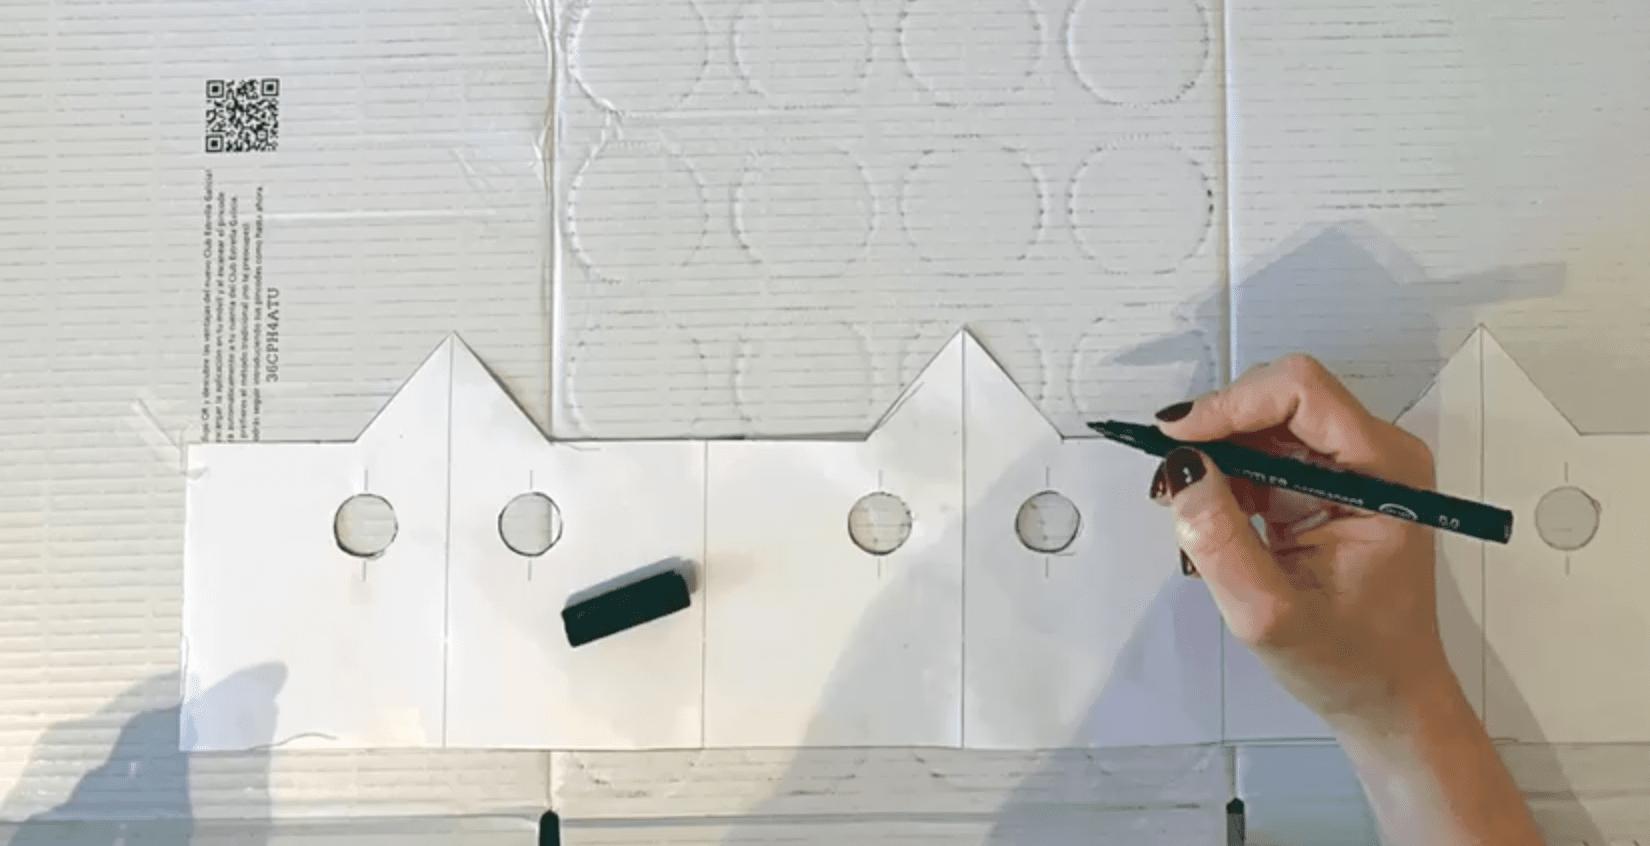 El Protector de manillas DIY que evita contagios que puedes construir gratis 62